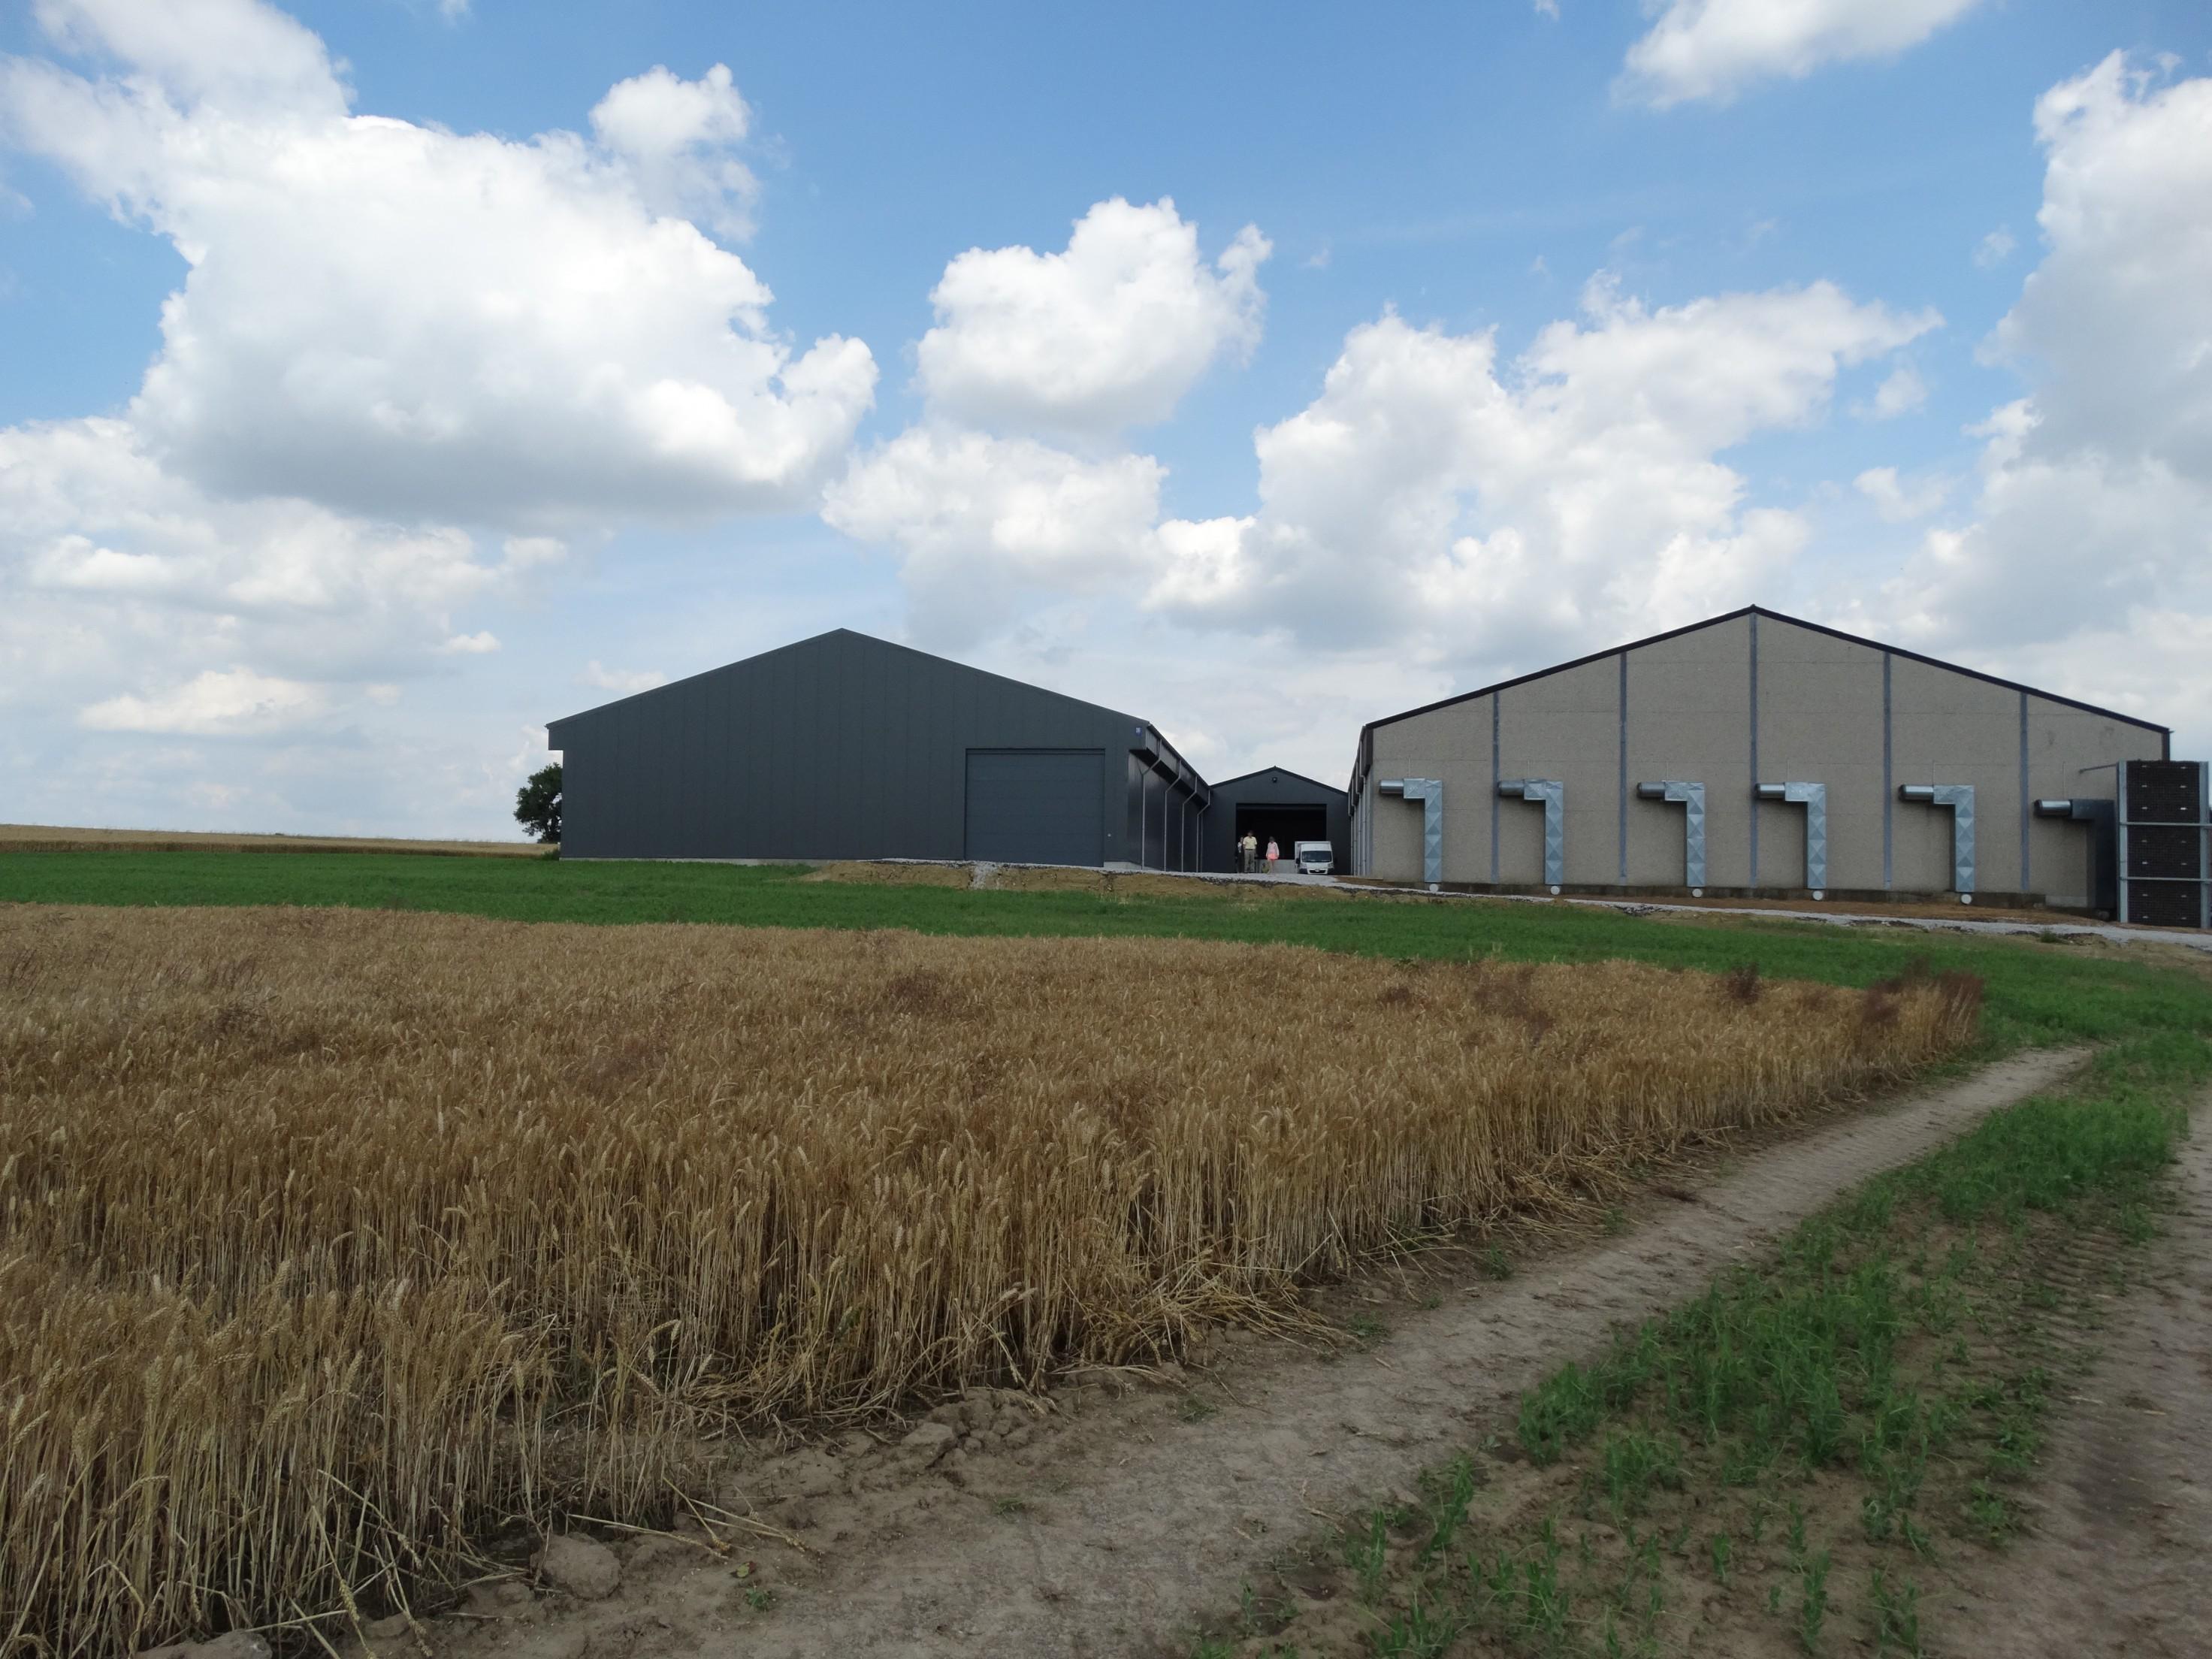 lefevre-Rosseignies-aardappelloods_hangar stockage pommes de terre (26).JPG